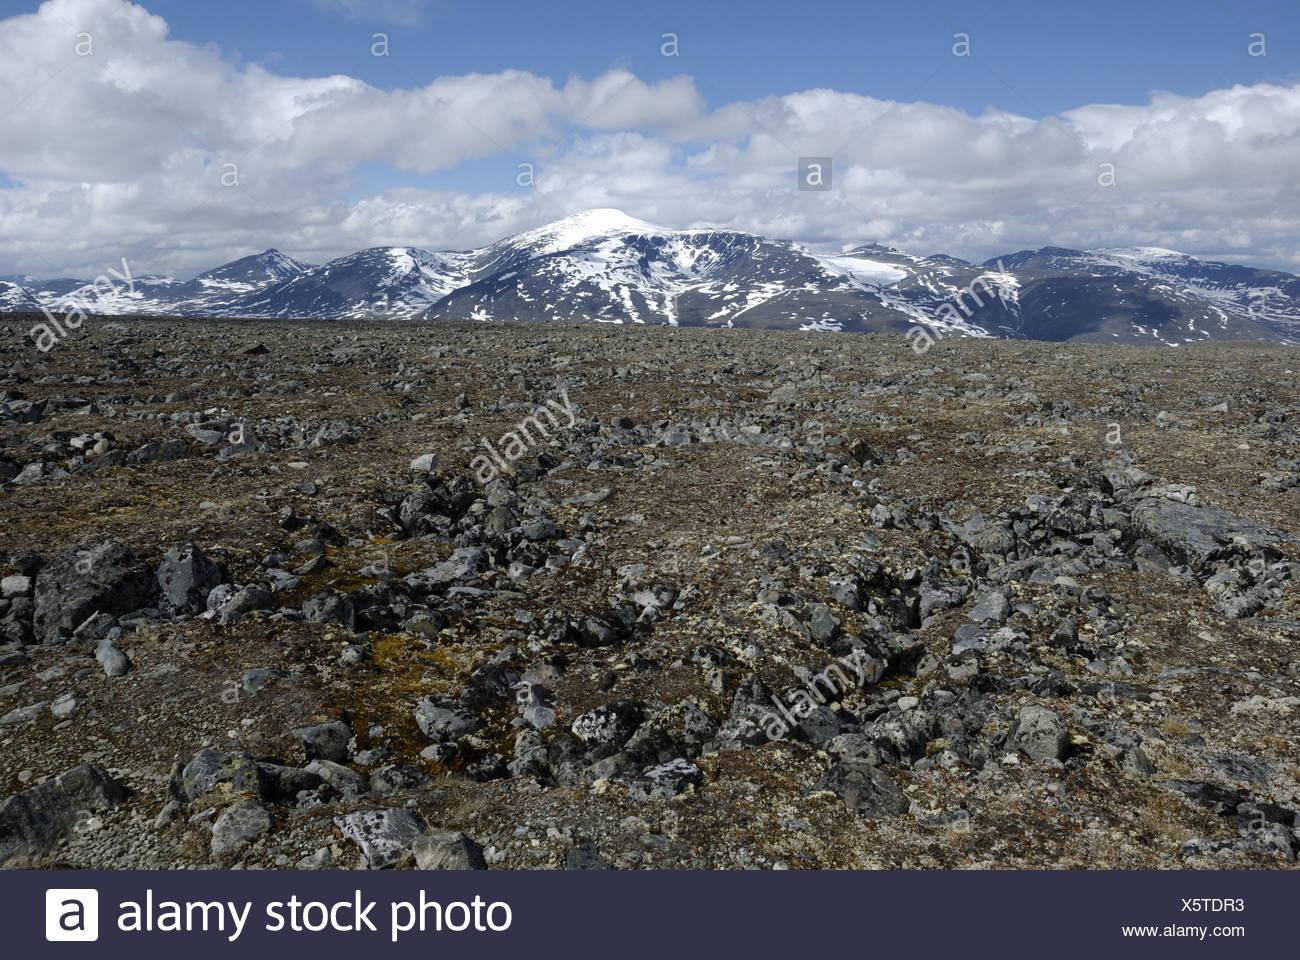 View from Juvasshytta - Stock Image